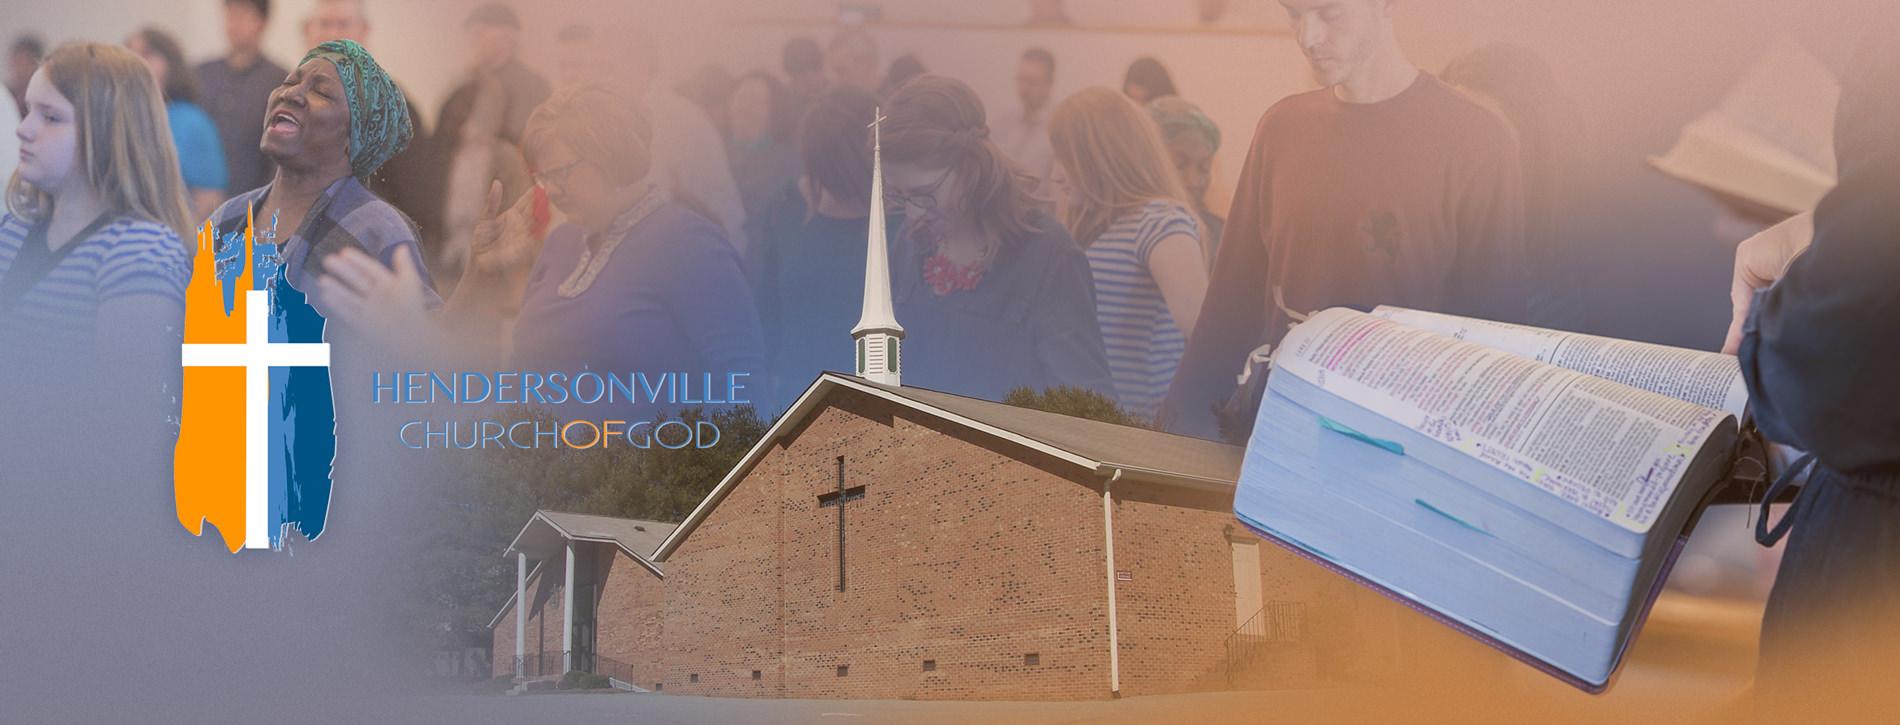 hendersonville church of god